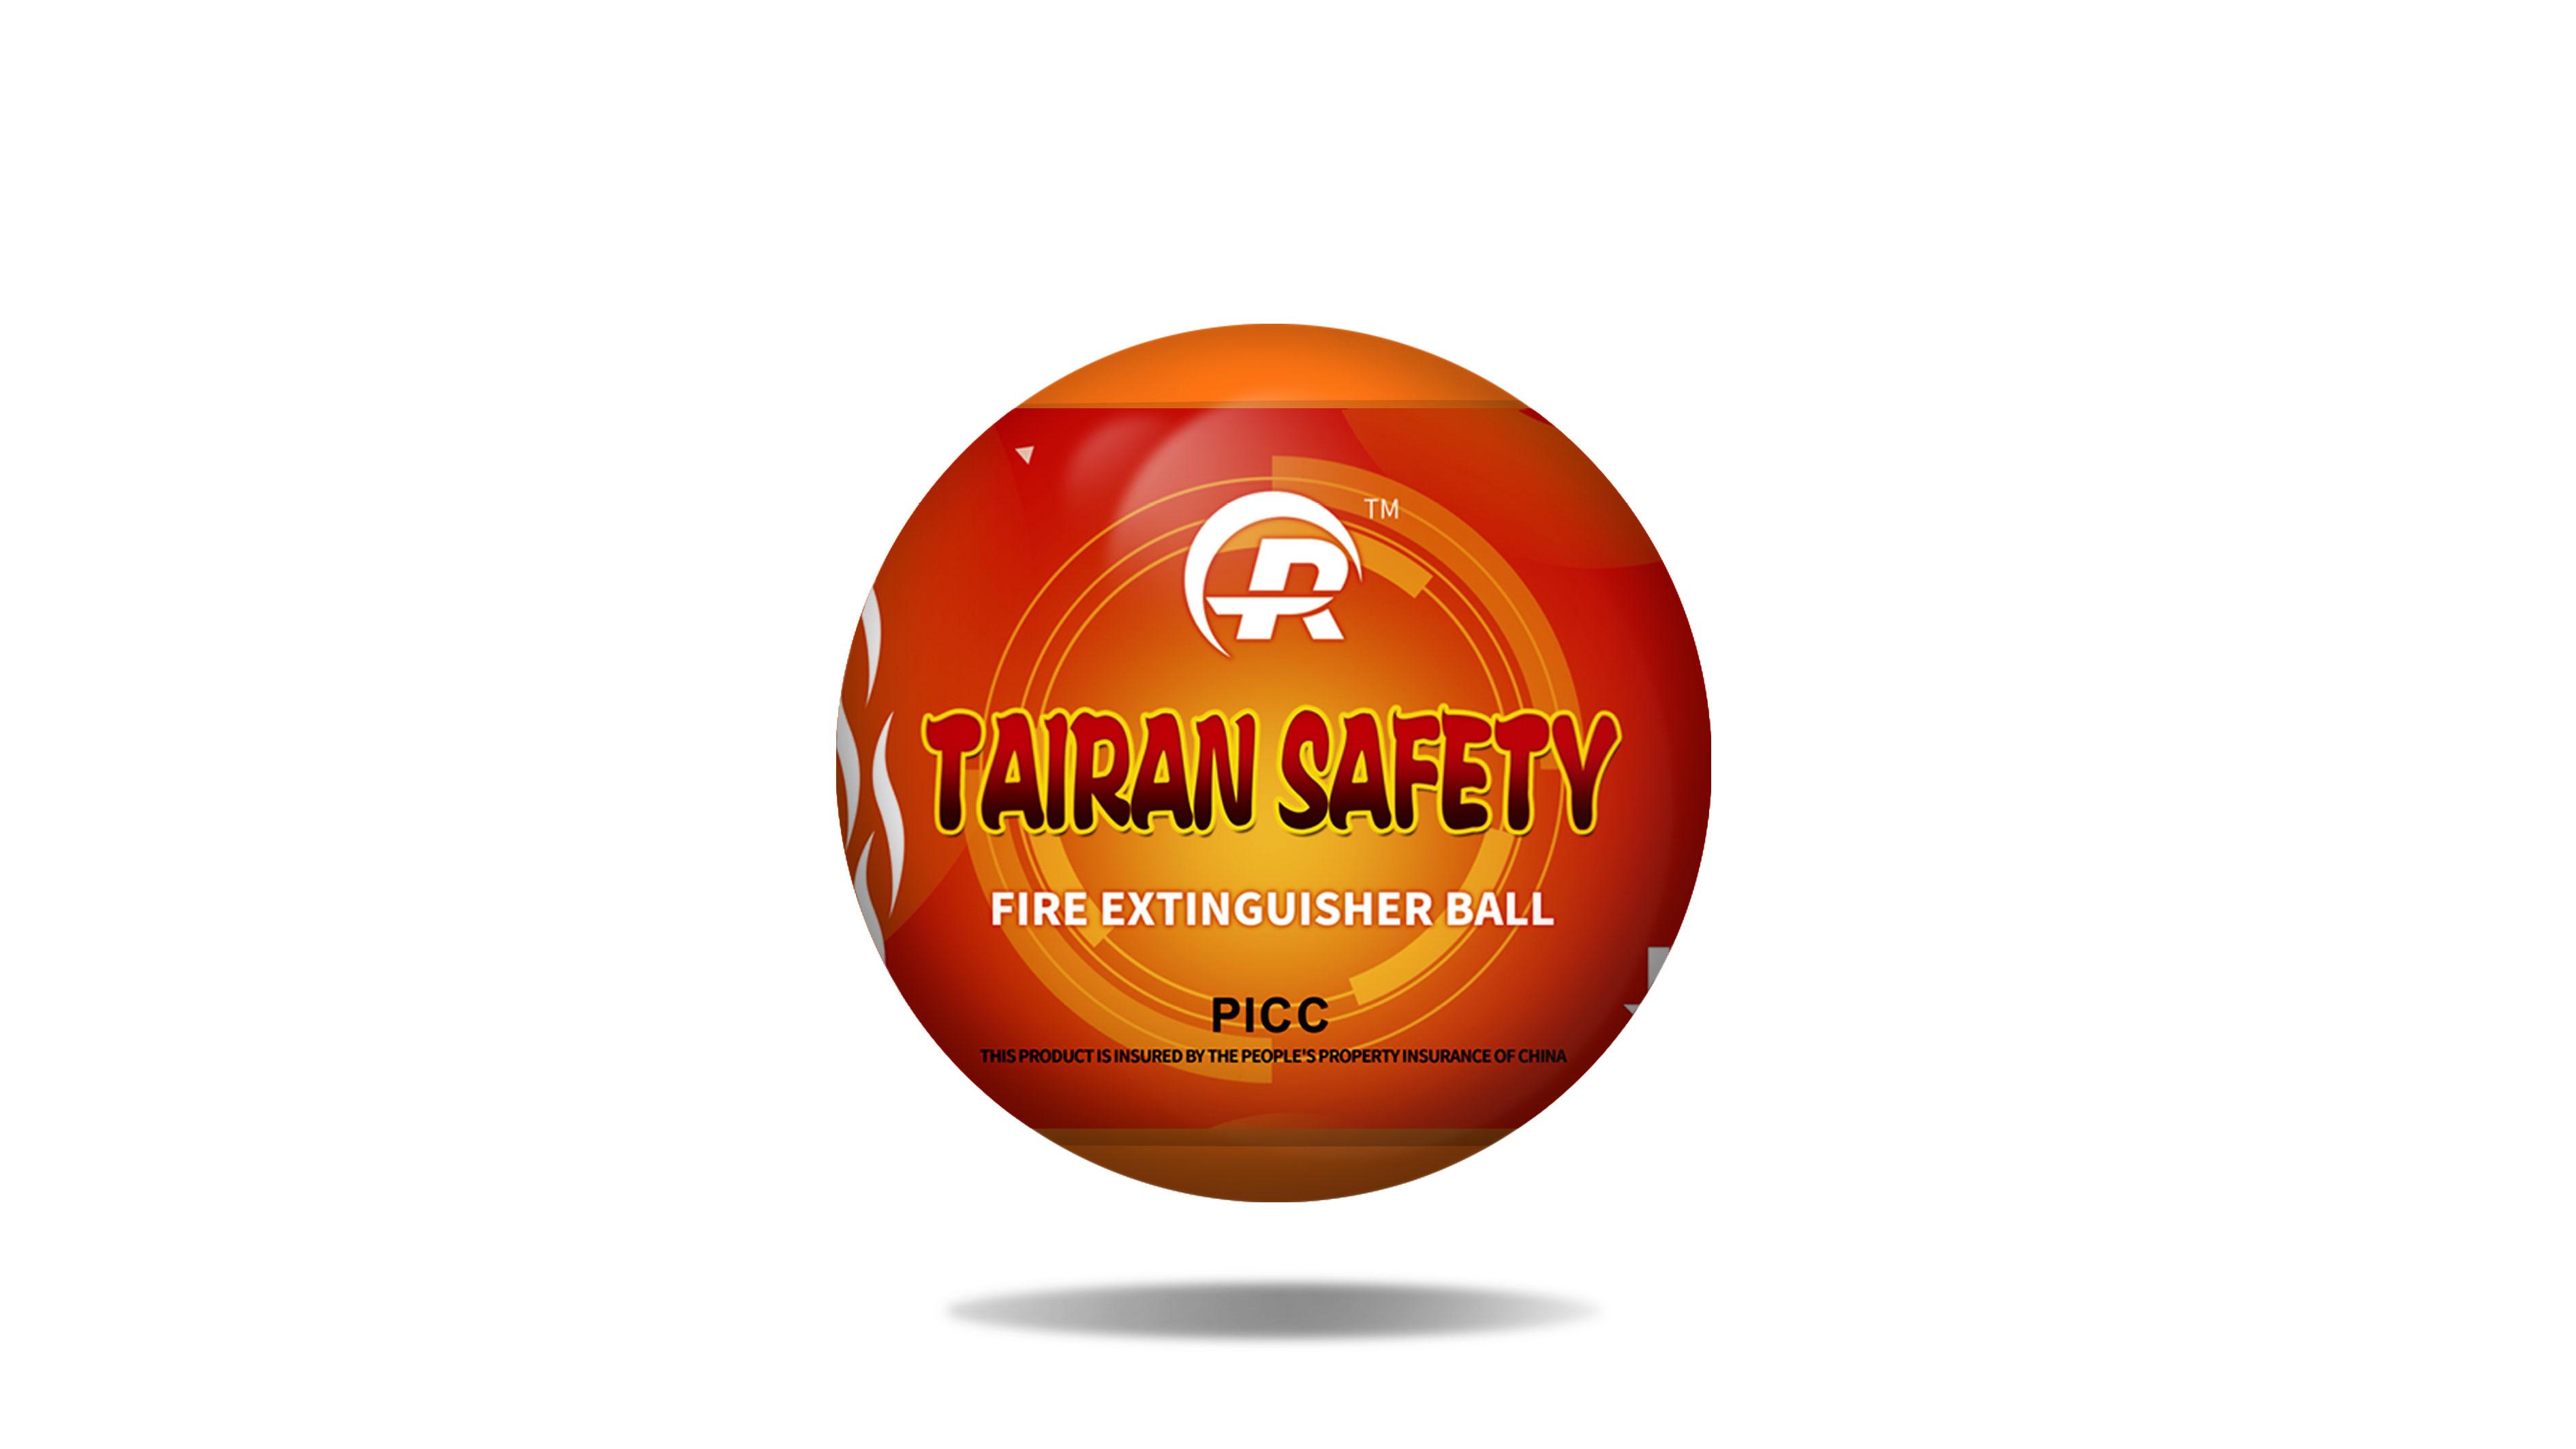 泰然灭火装置包装设计